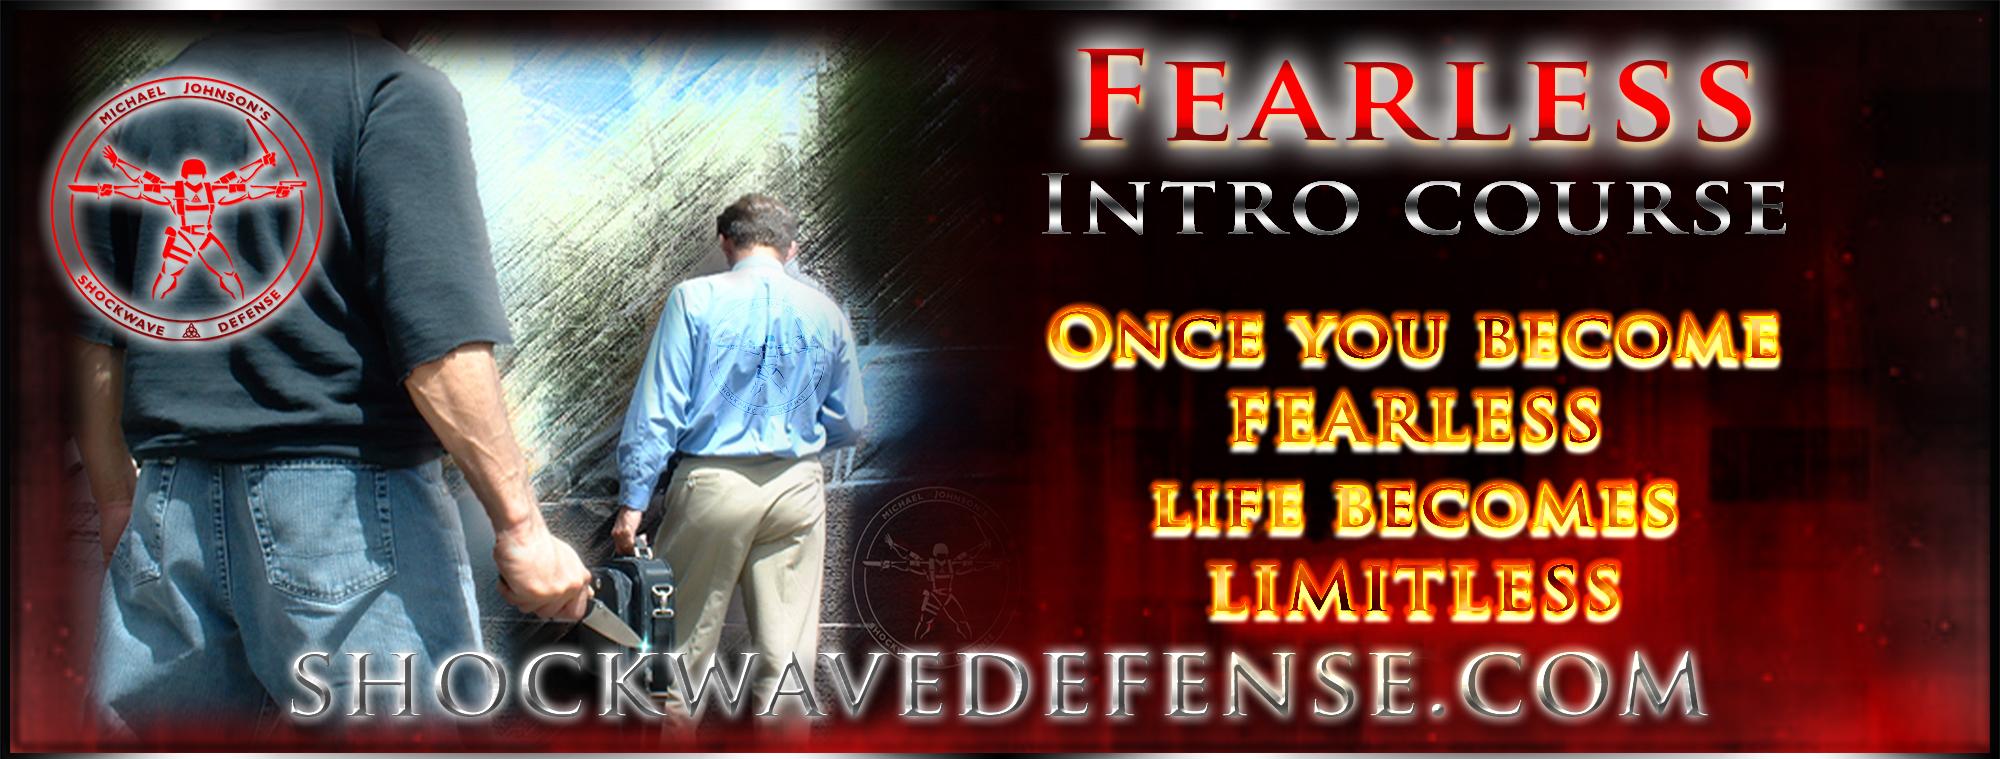 SDU-fearless